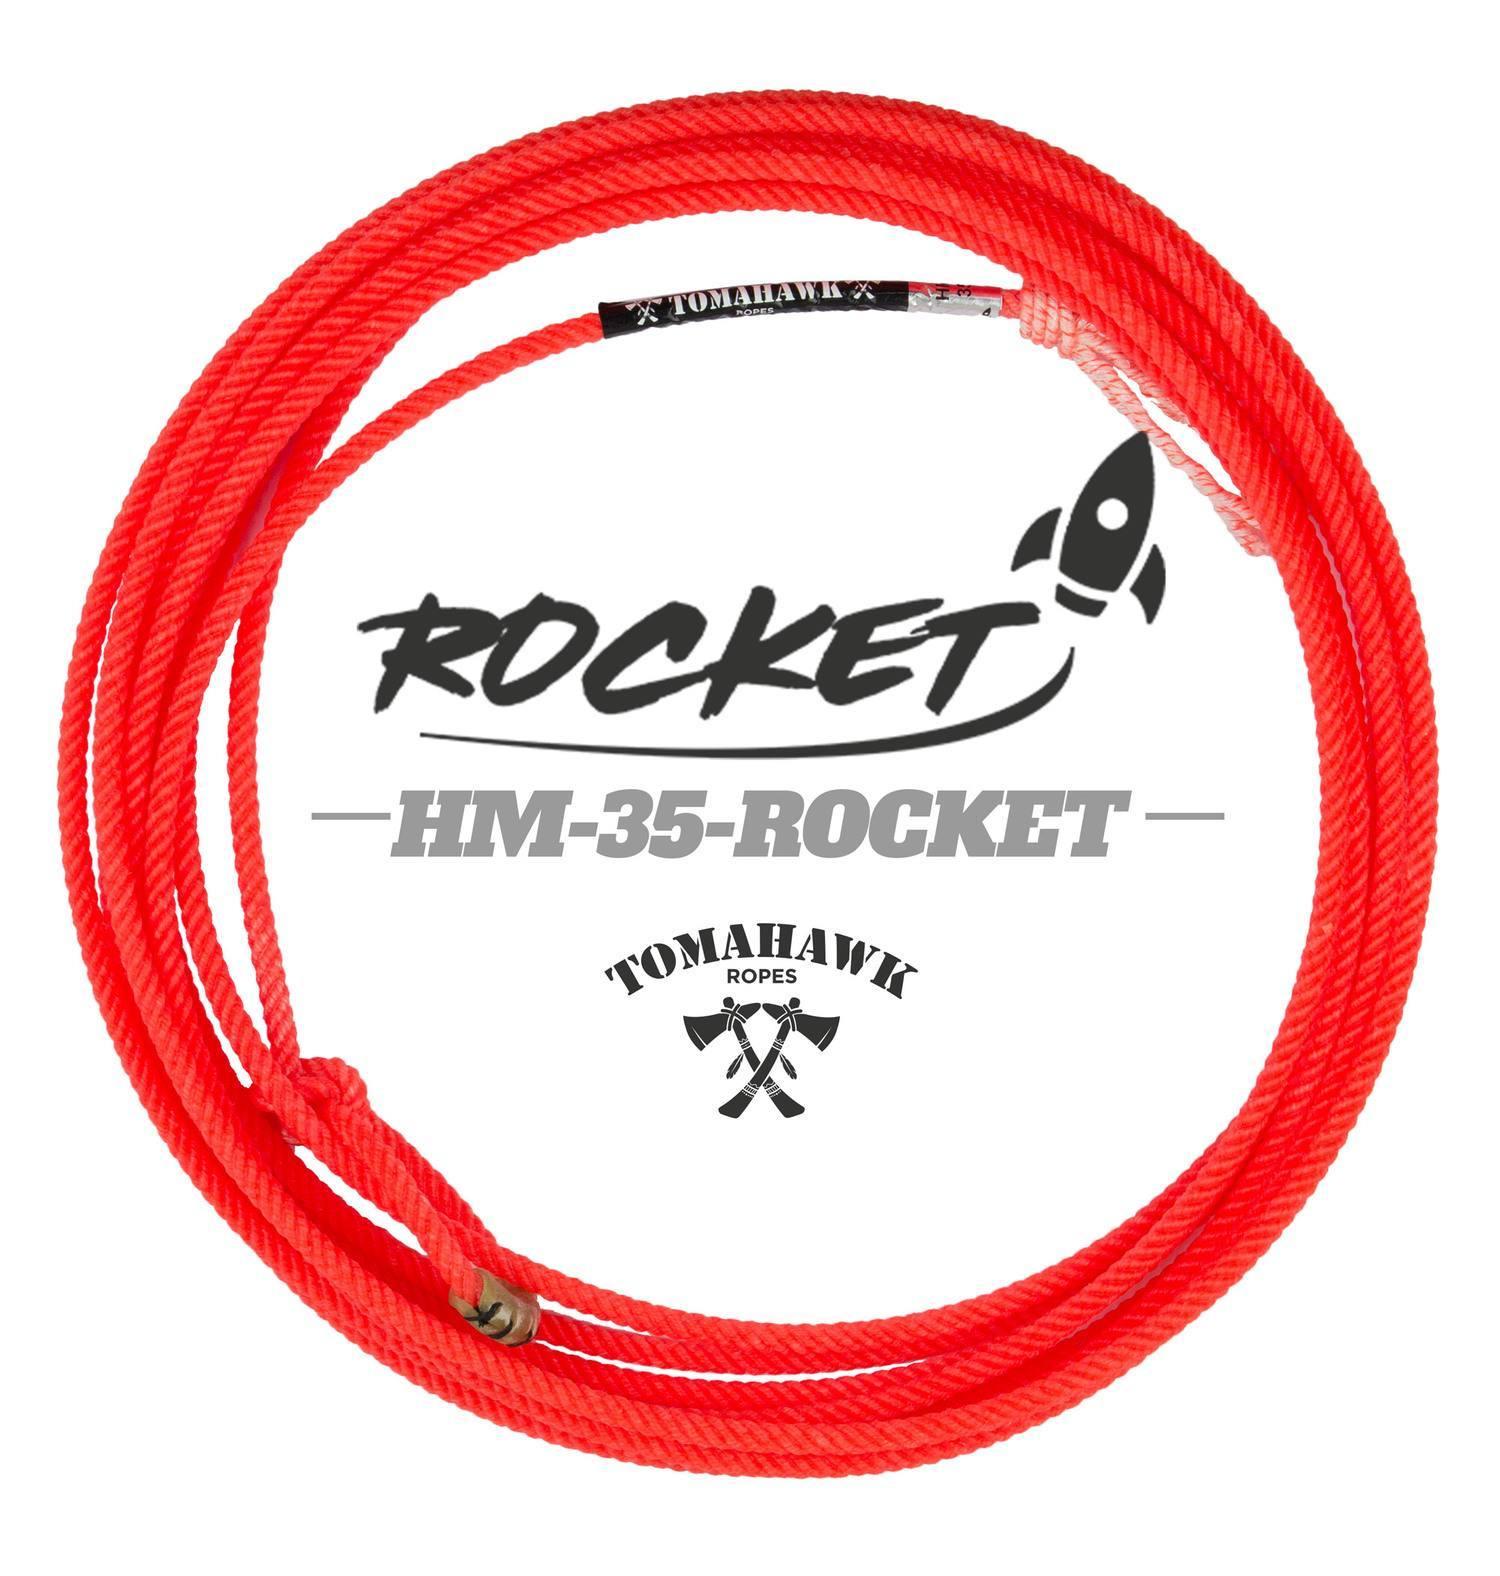 Corda Pé Tomahawk HM 35 Rocket